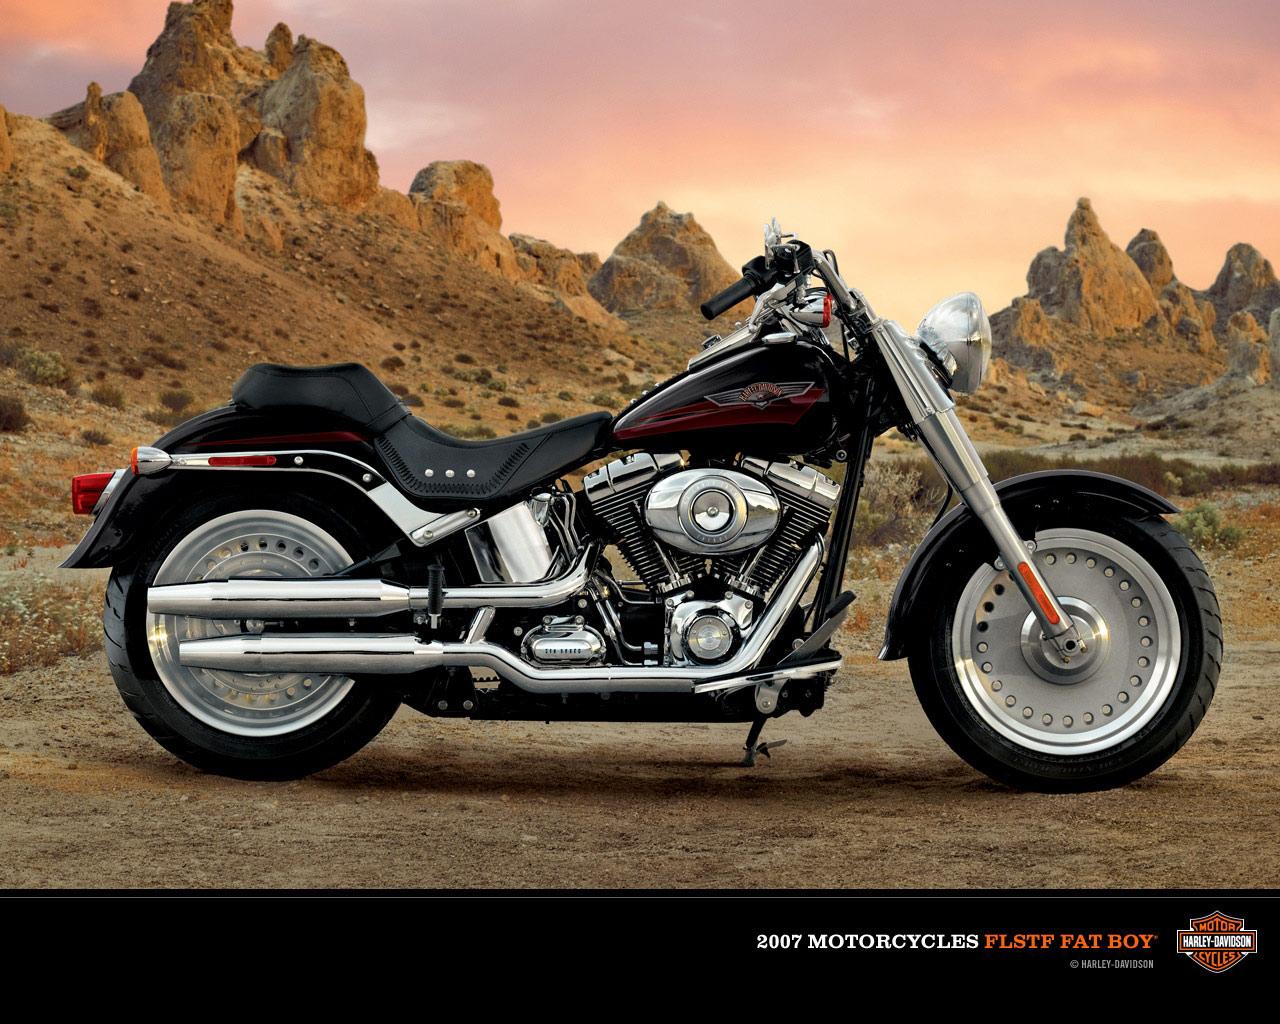 http://4.bp.blogspot.com/-P6MyOri_N5I/TZZXzPMY31I/AAAAAAAAAfY/kRCFJmVNgGQ/s1600/Harley-Davidson_FLSTF_Fat_Boy.jpg